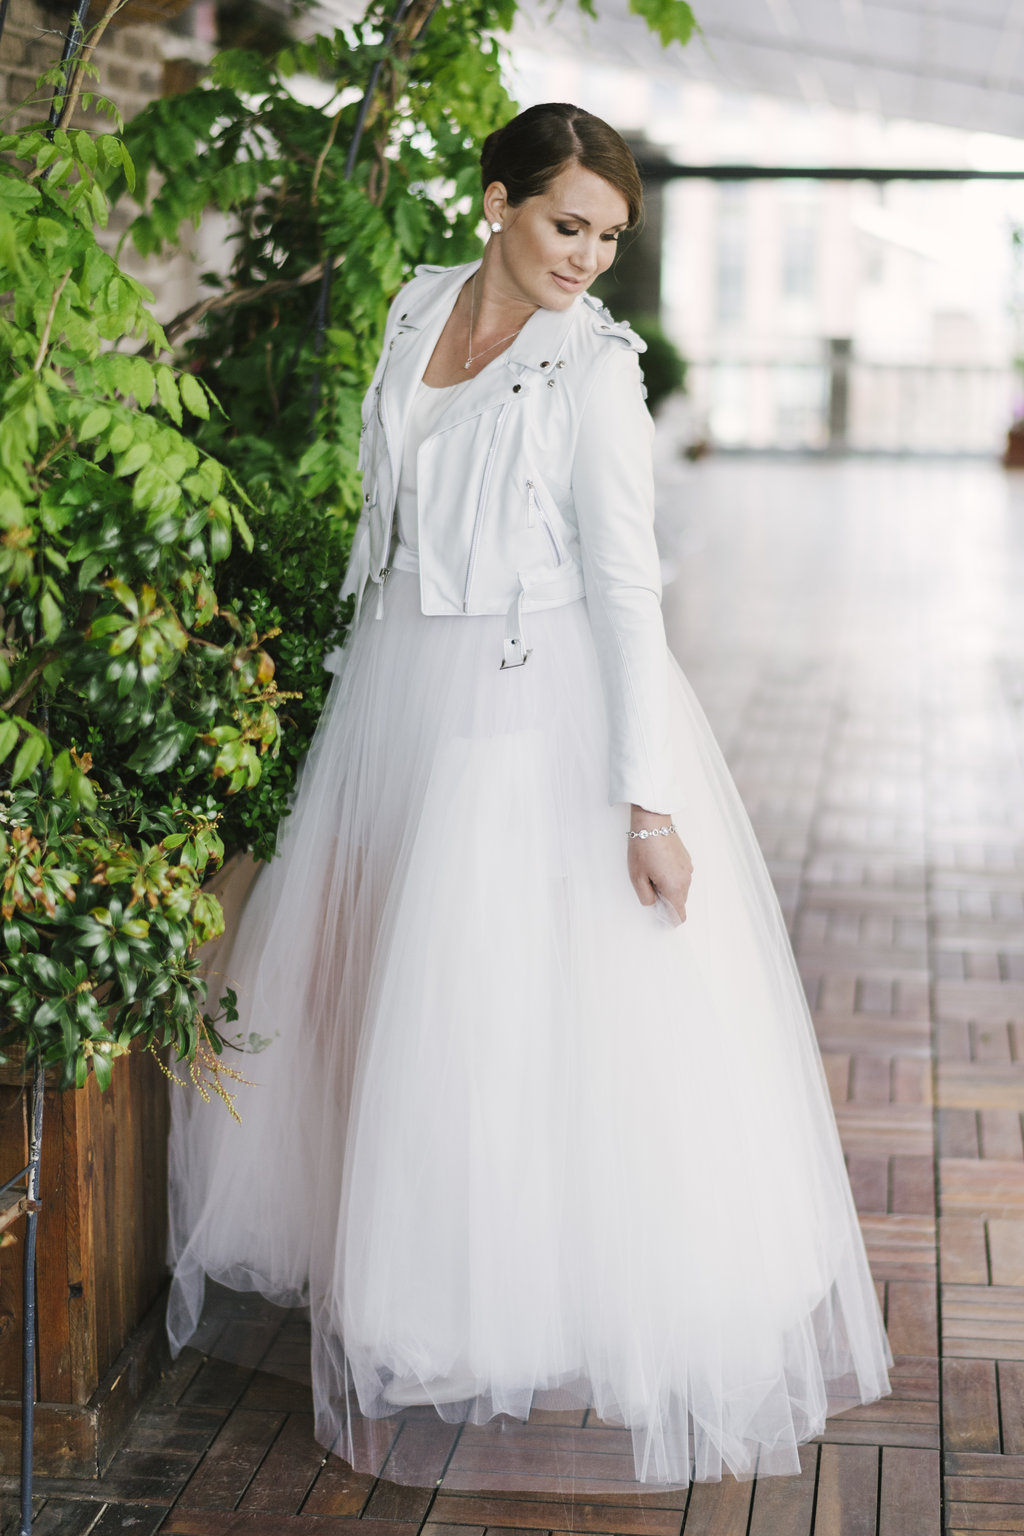 Nathalie Kraynina Bride At The Big Fake WeddingAliciaKingPhotographyBigFakeWedding083.jpg